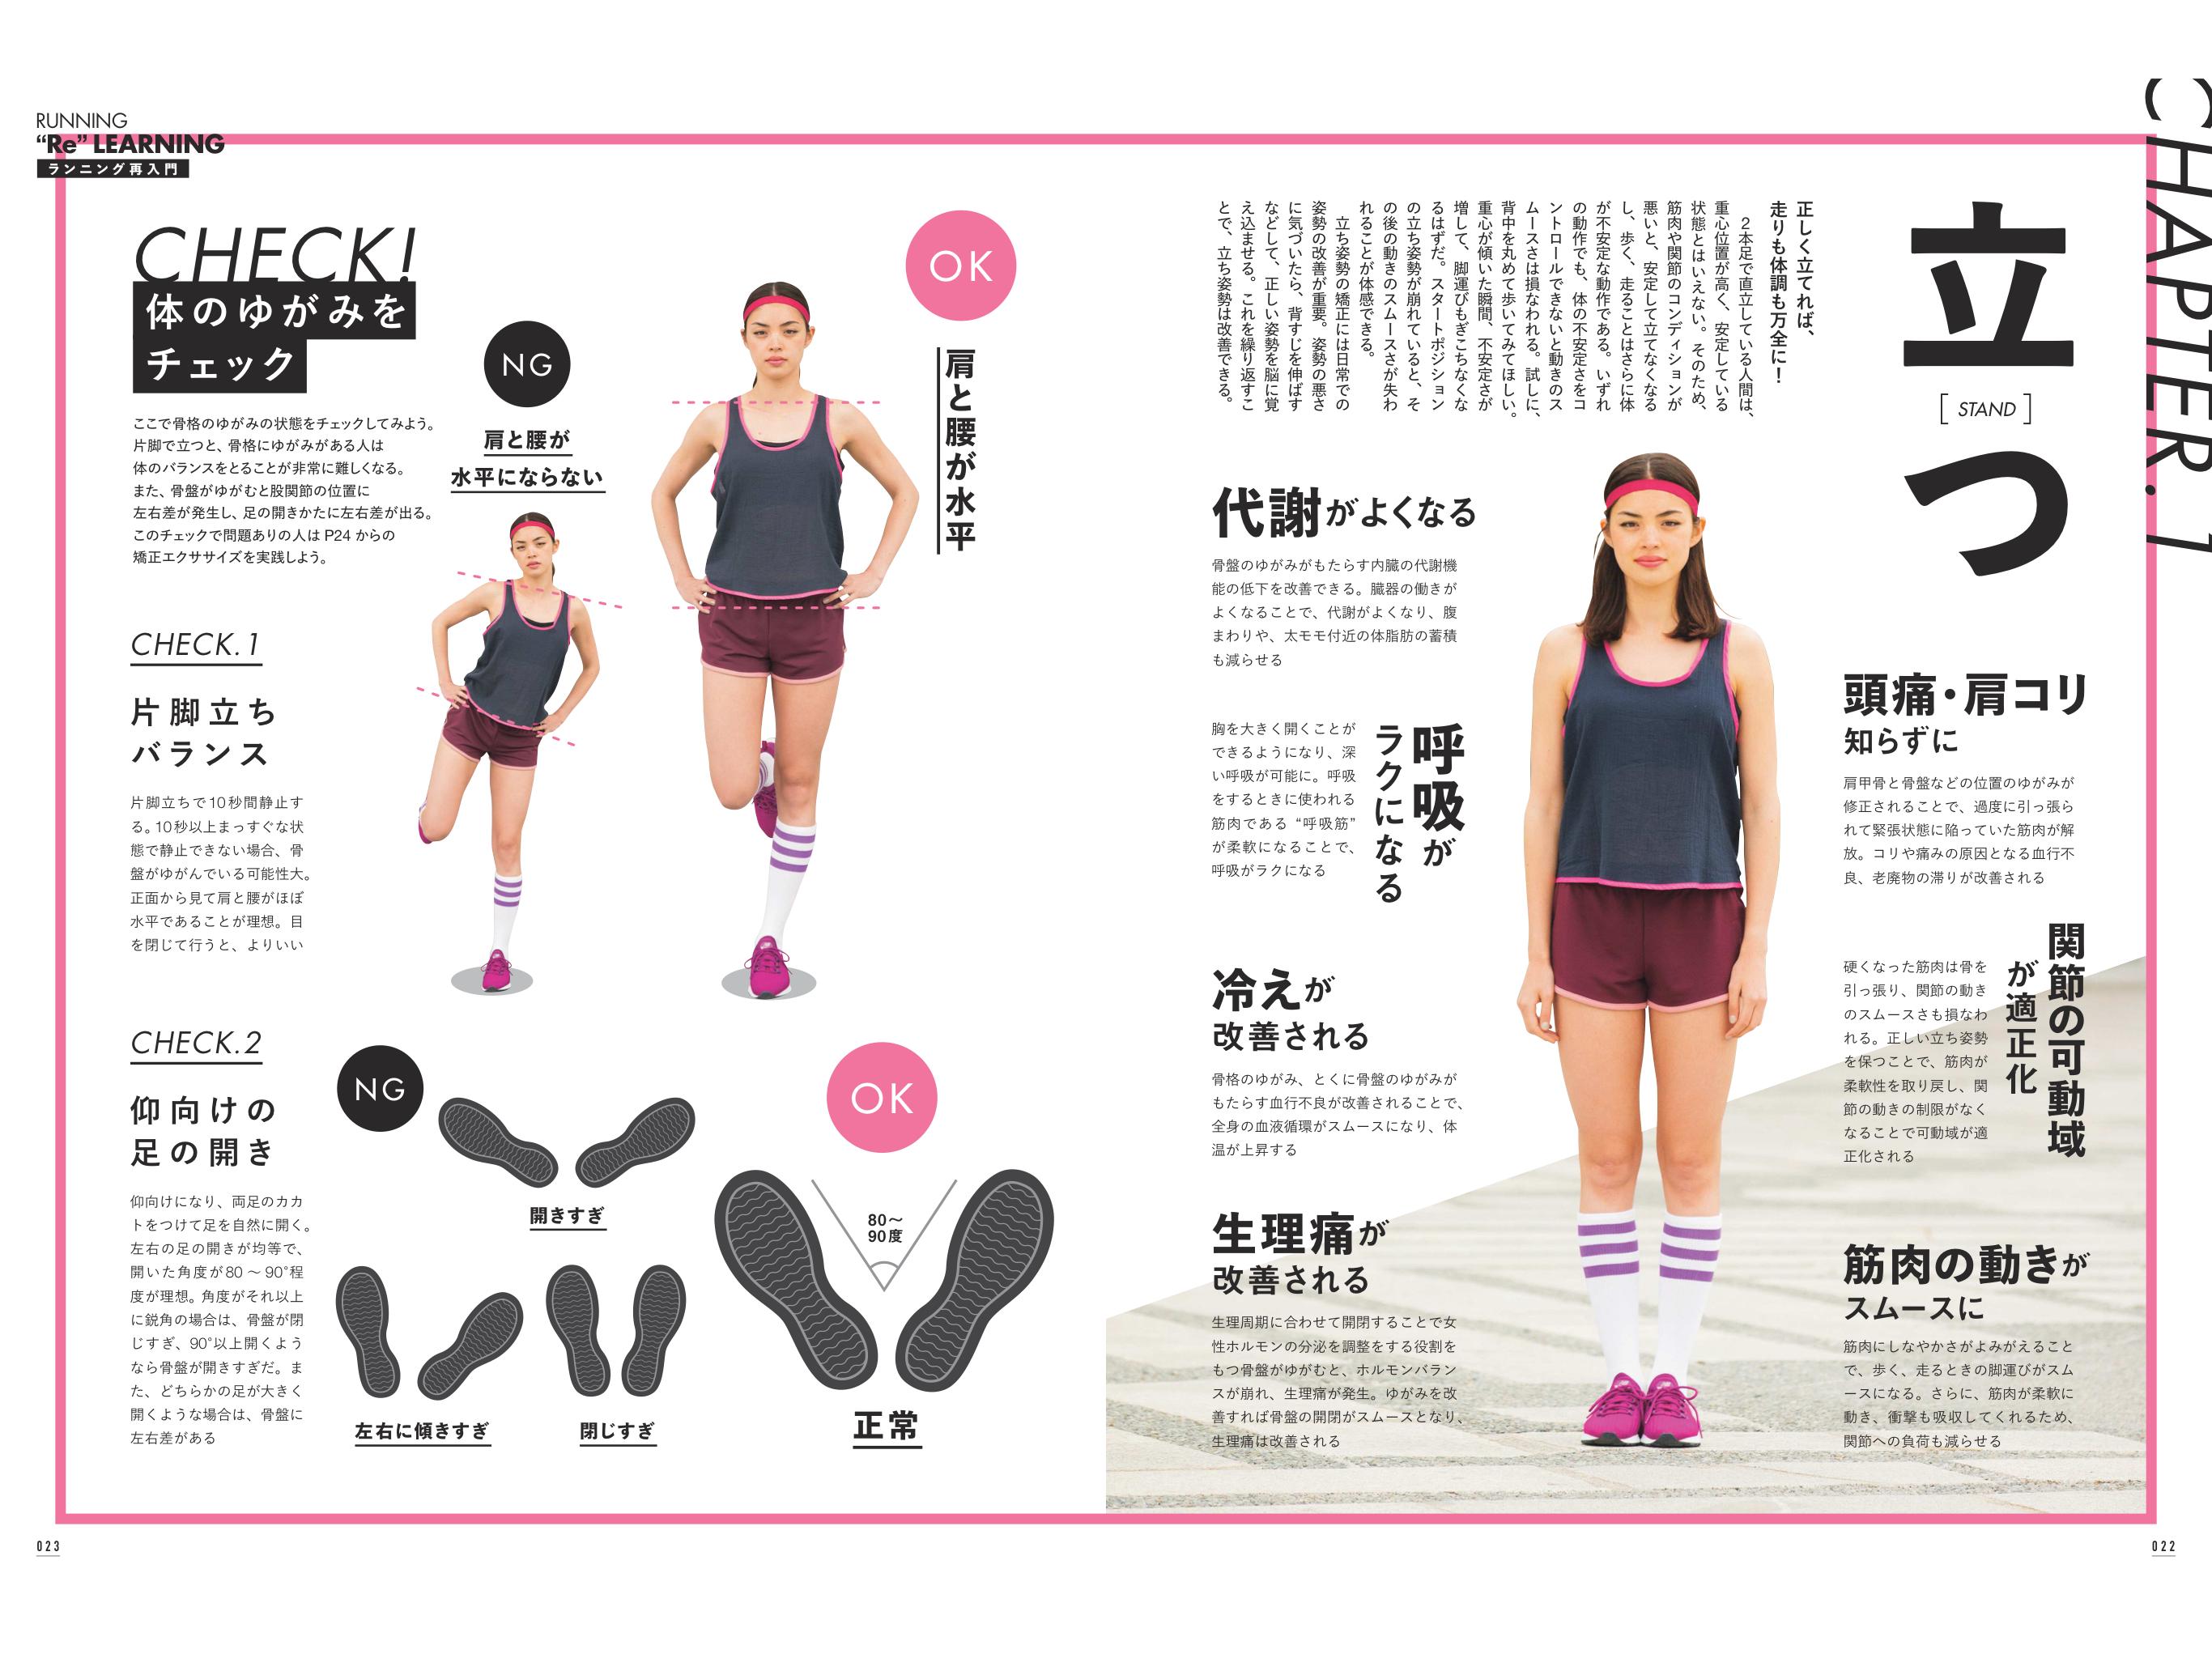 出典元:RUNNING Style 2018年6月号(p22,23)